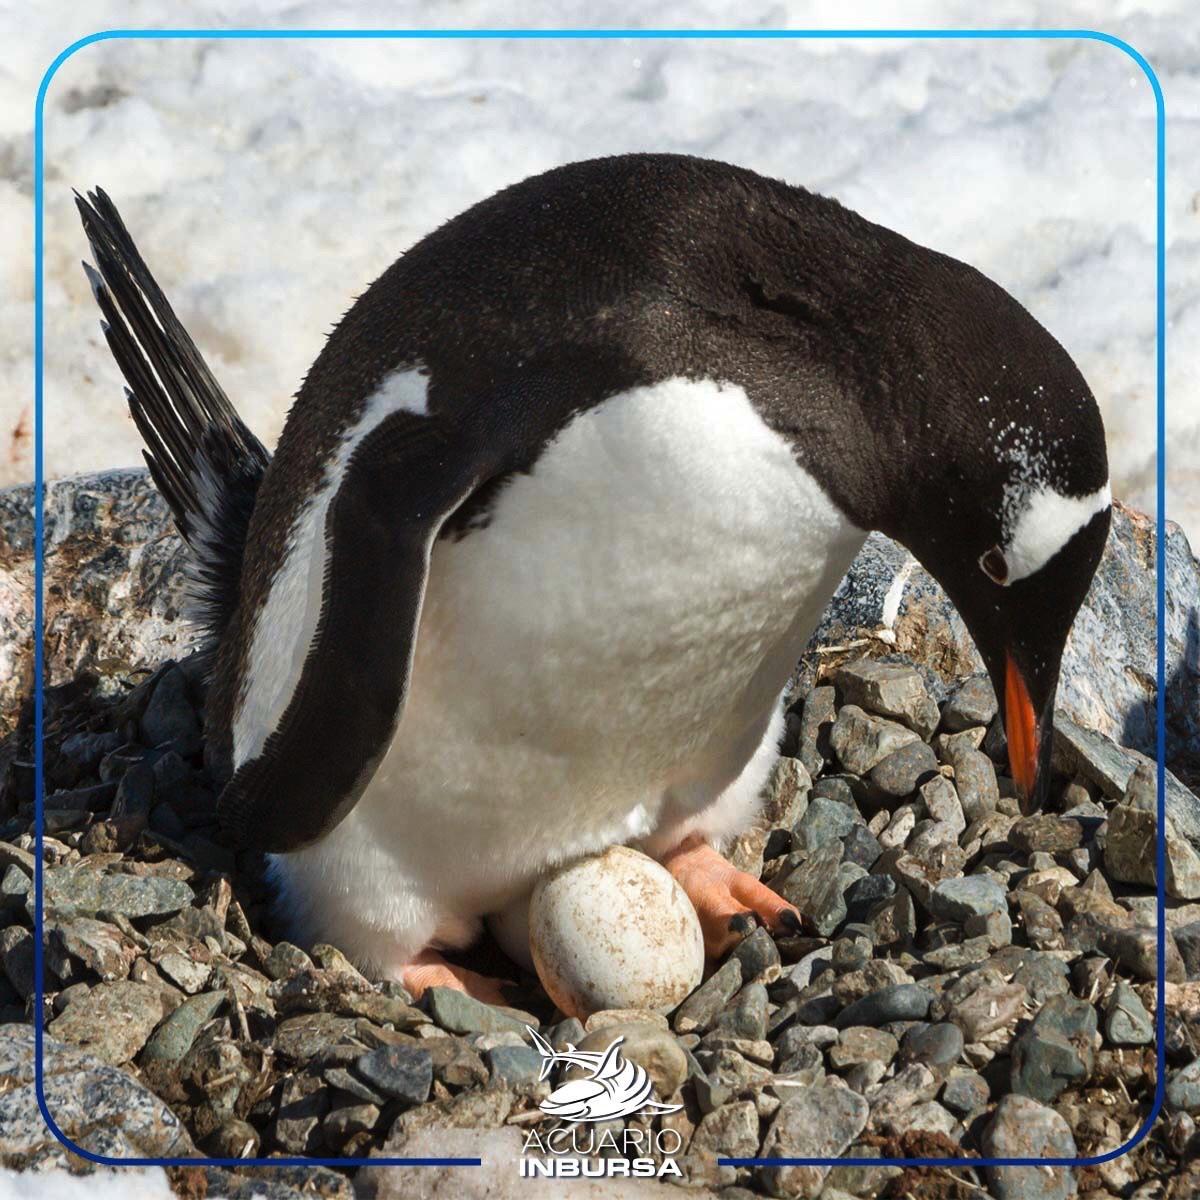 Acuario Inbursa Logra La Primer PuestaDe Pingüino Gentoo En México